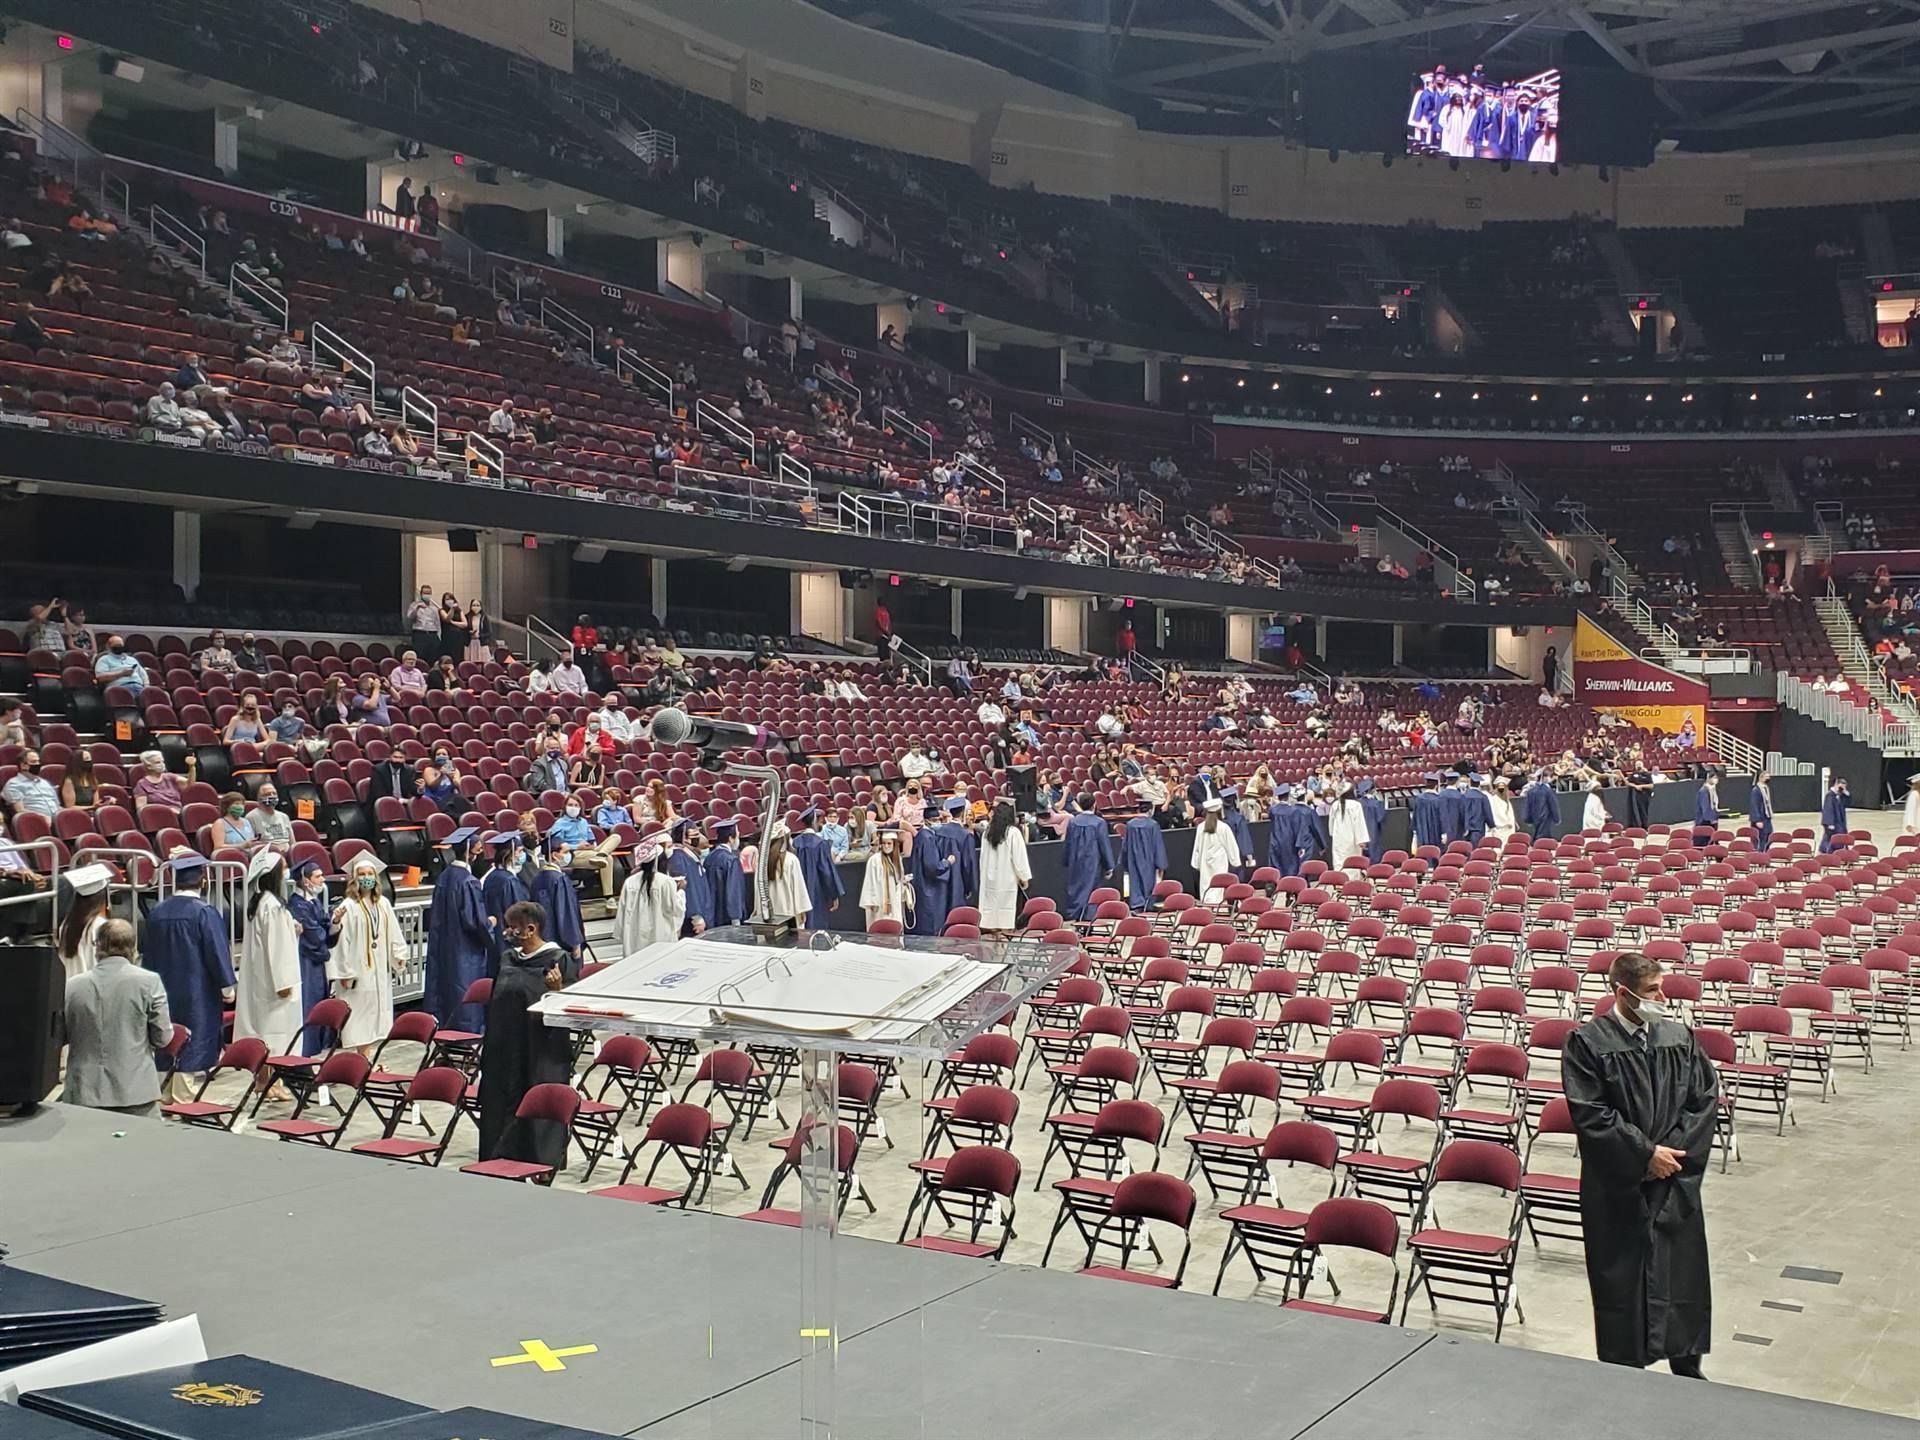 graduates entering the arena